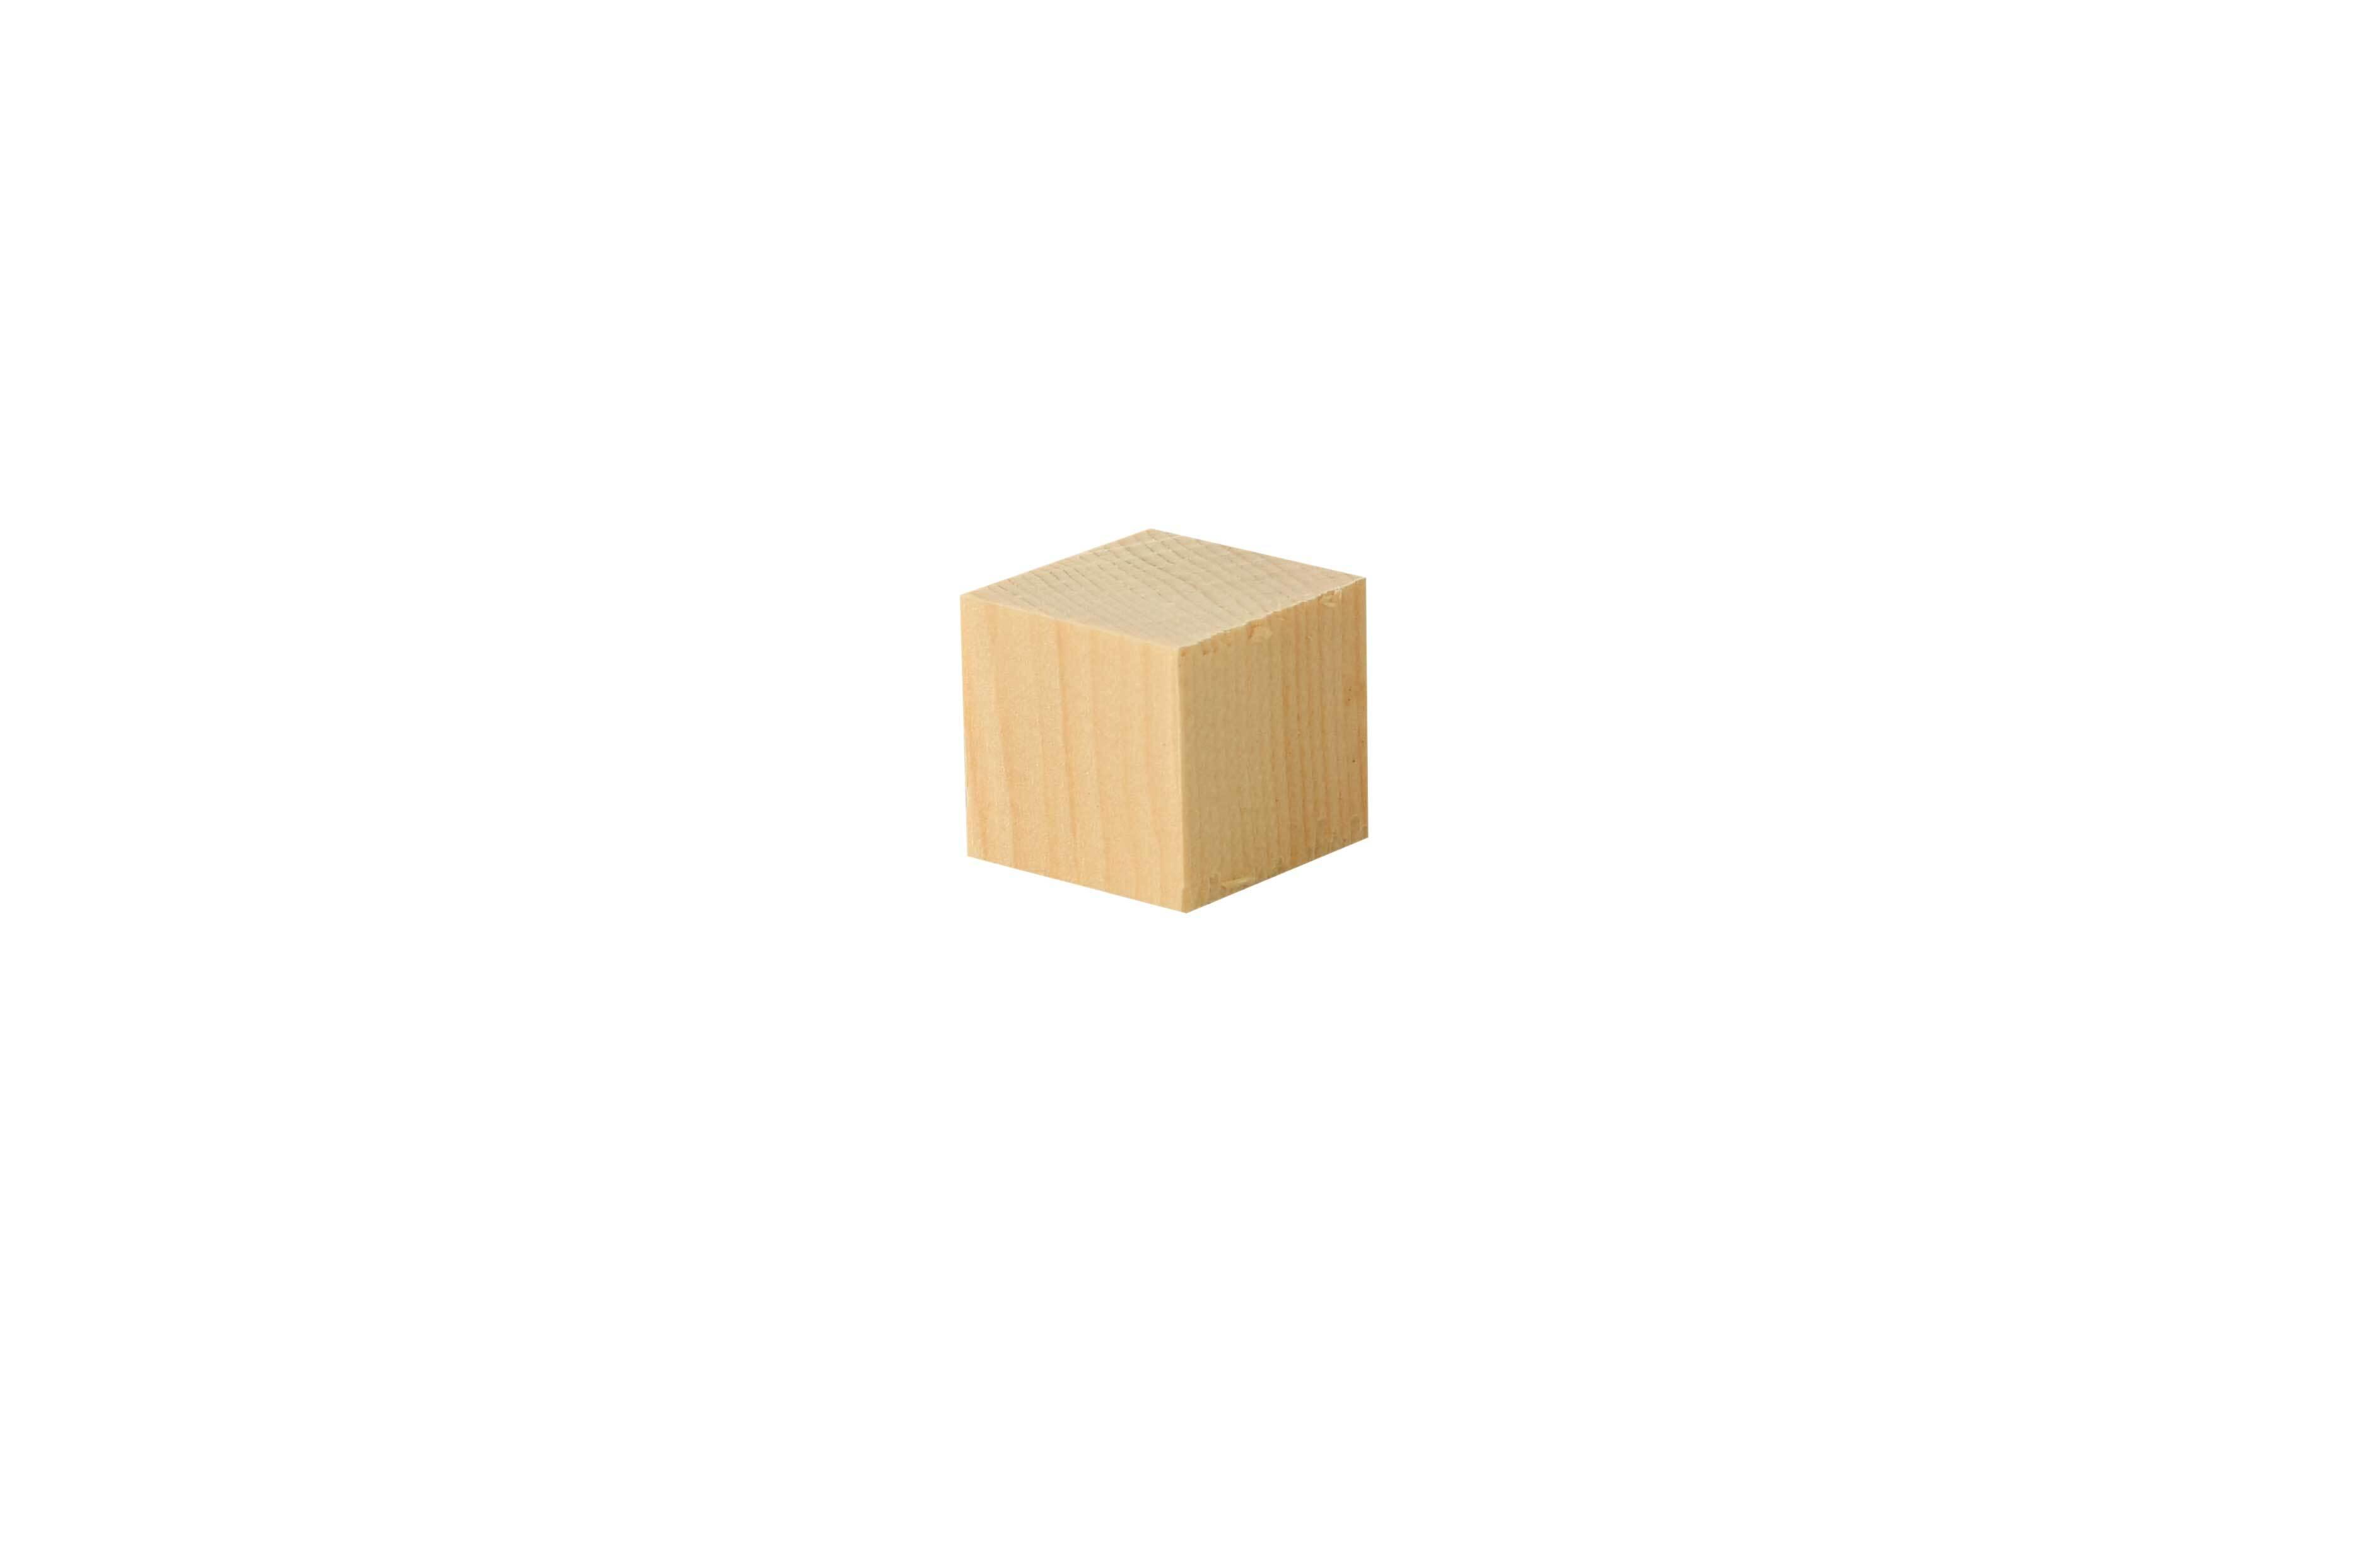 Houten blokjes klein - 50 st., 20 x 20 cm